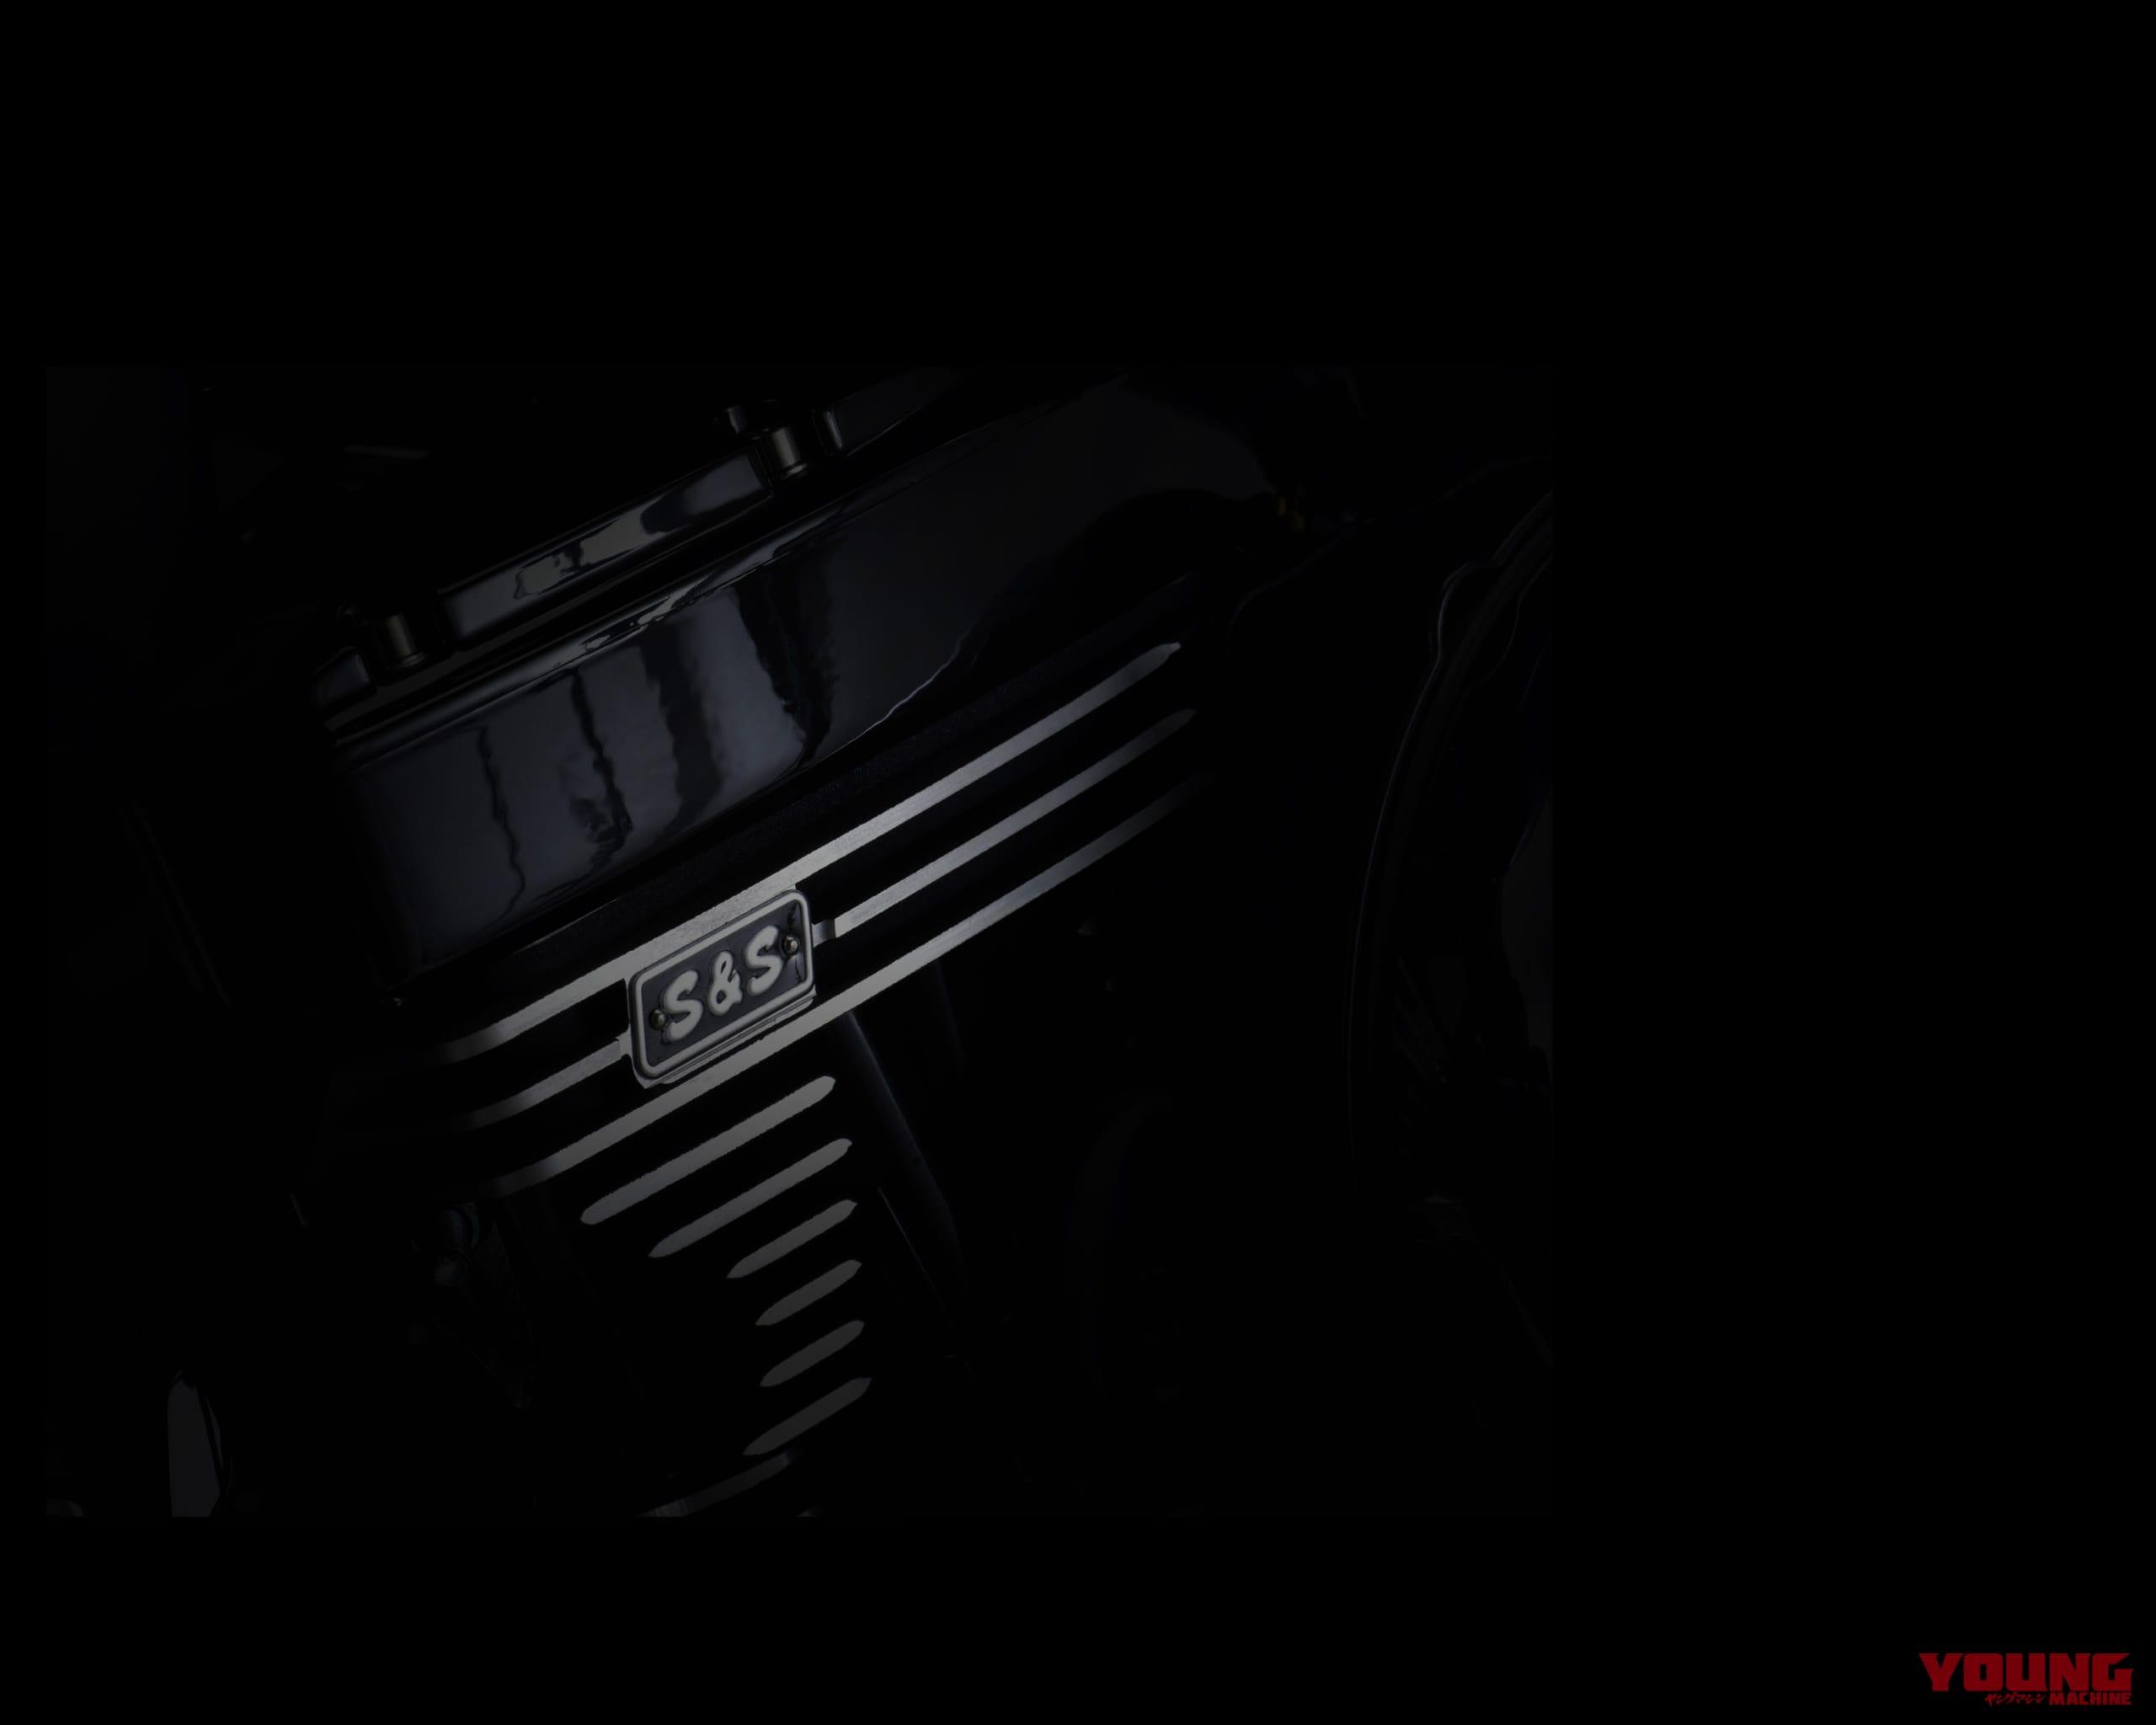 ハーレー合法カスタム実現への道【S&S製2000cc超エンジン公認取得→車検対応】